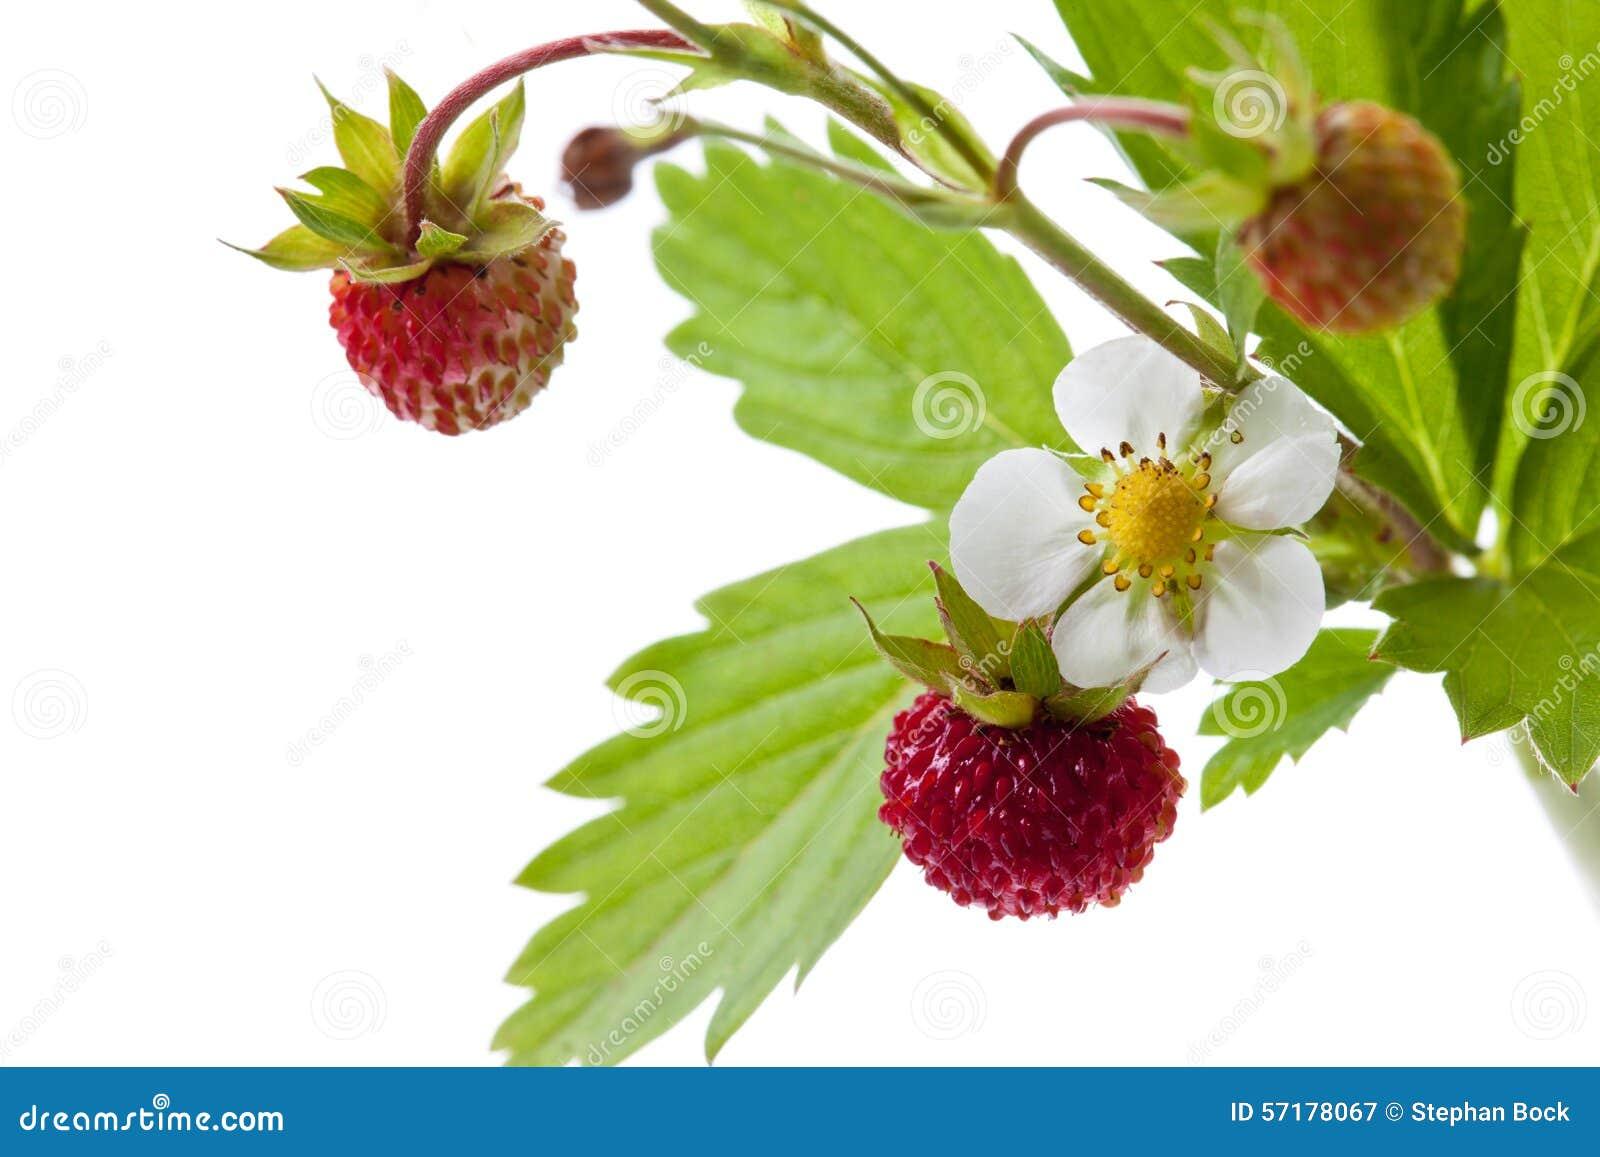 fraisier fleur et feuilles image stock image du m r sain 57178067. Black Bedroom Furniture Sets. Home Design Ideas